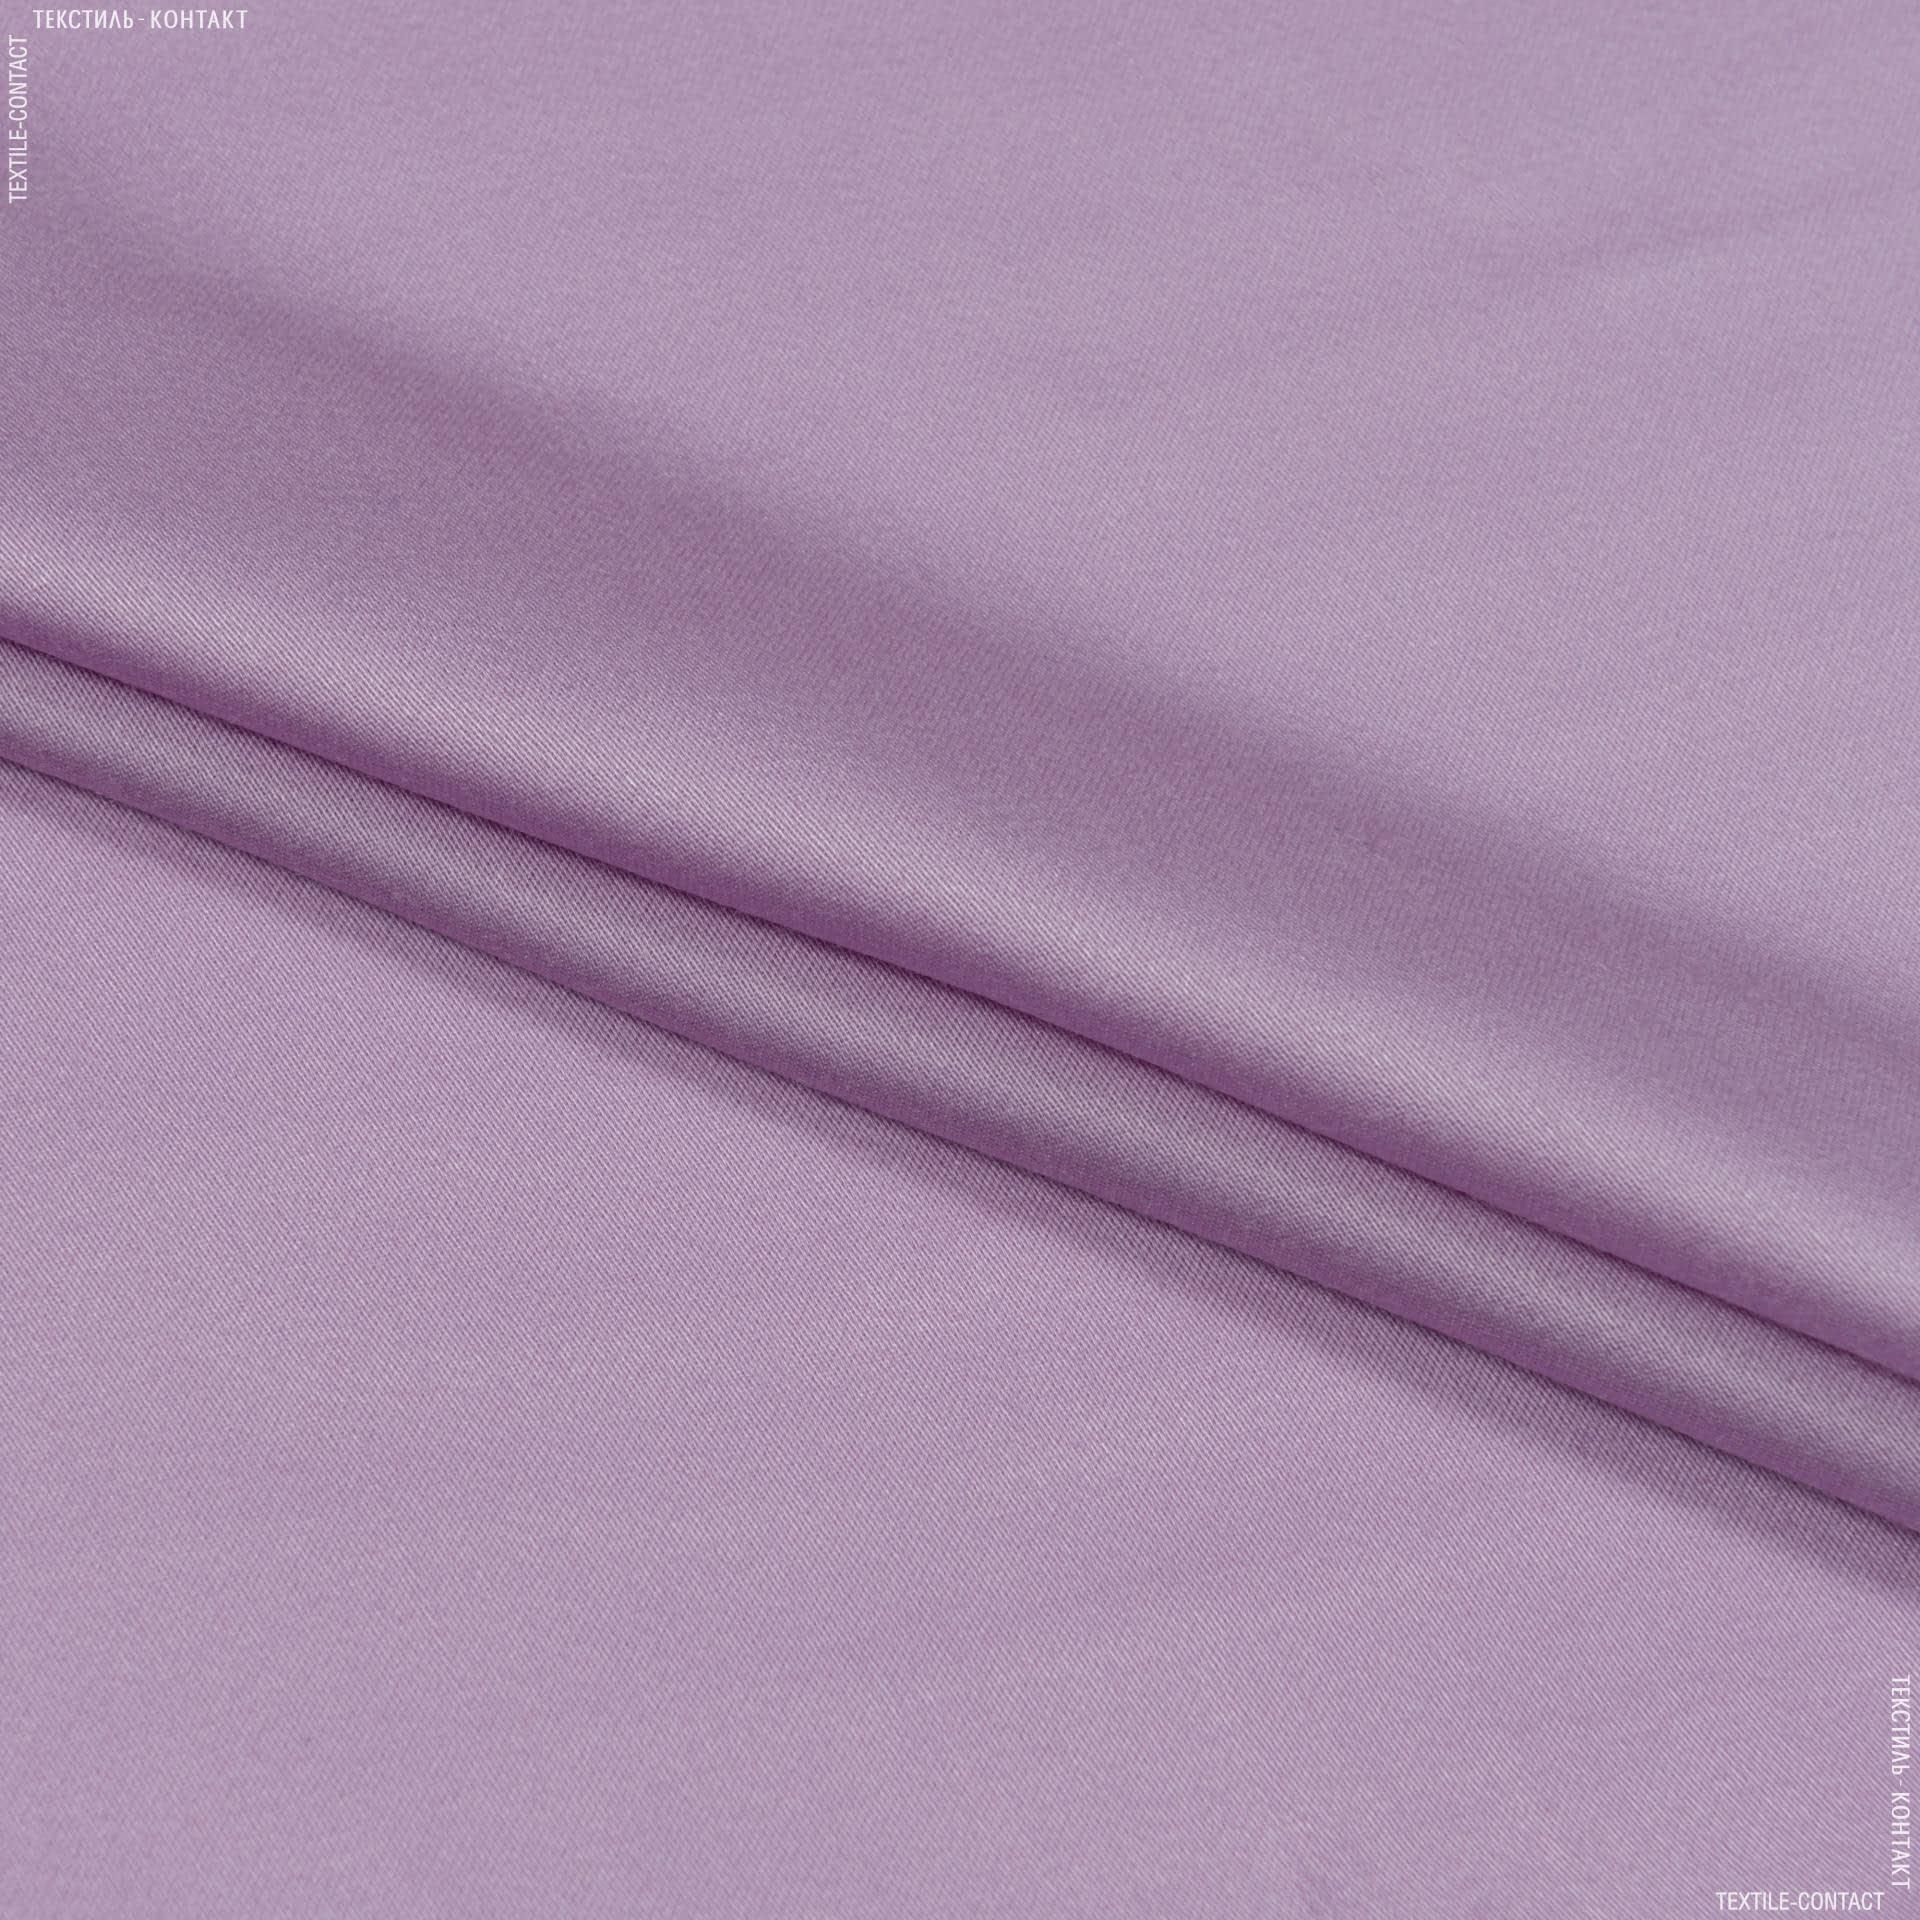 Ткани для брюк - Костюмный сатин светло-сиреневый